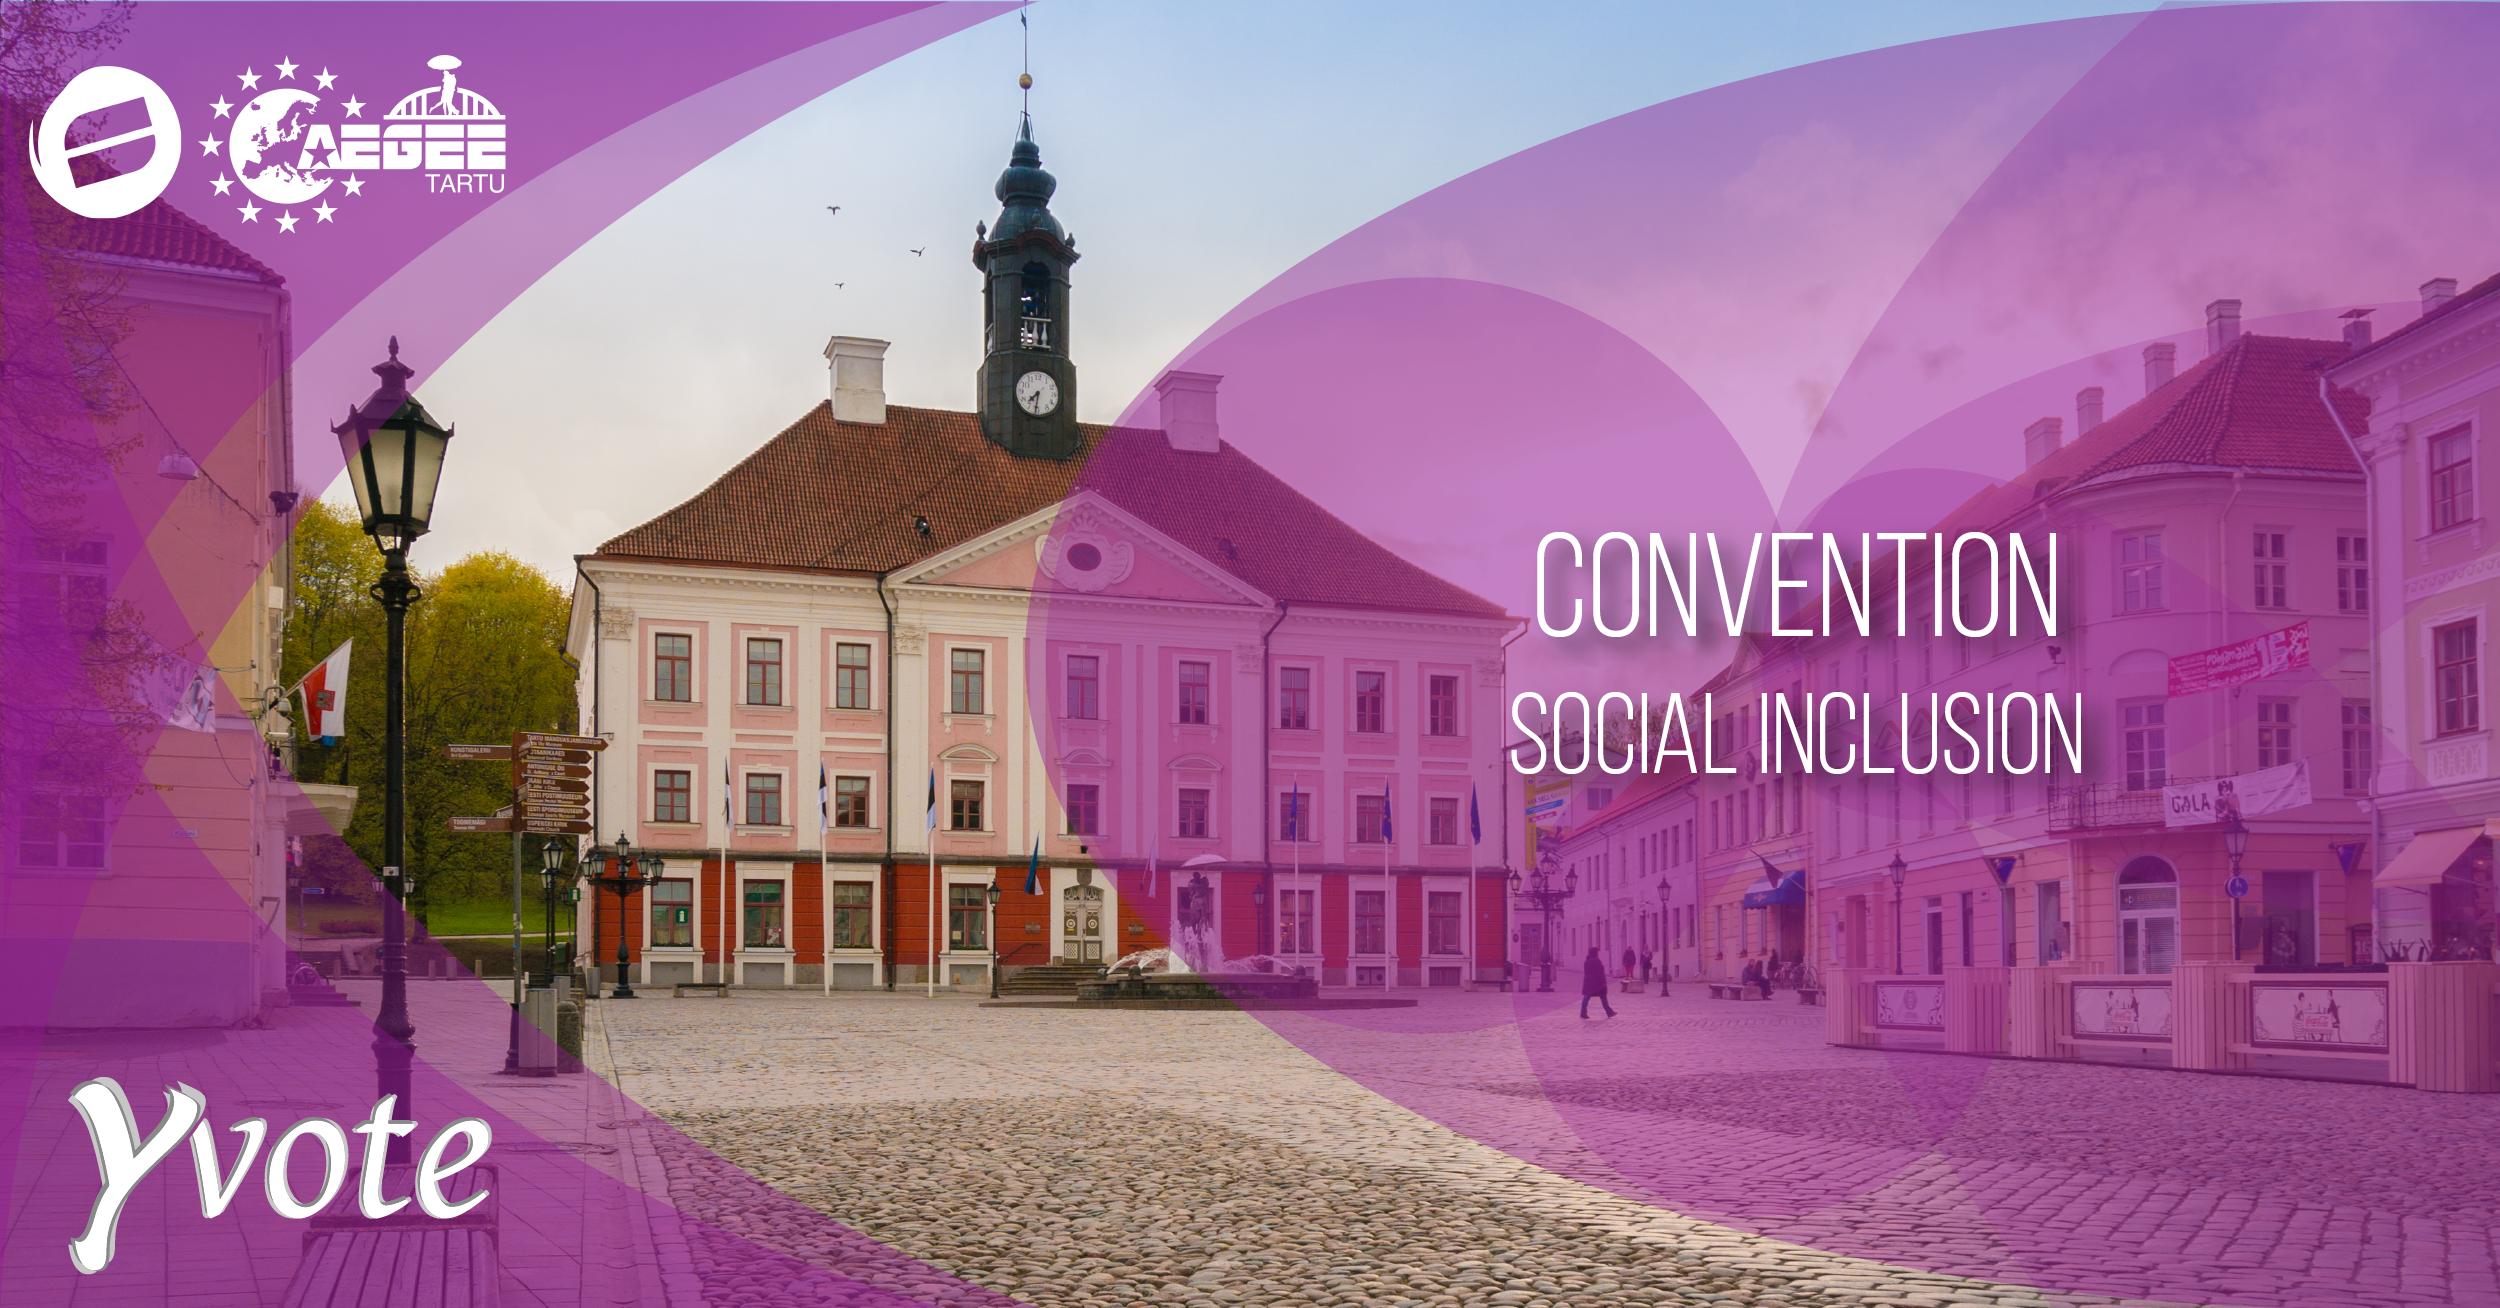 Y Vote Convention on Social Inclusion